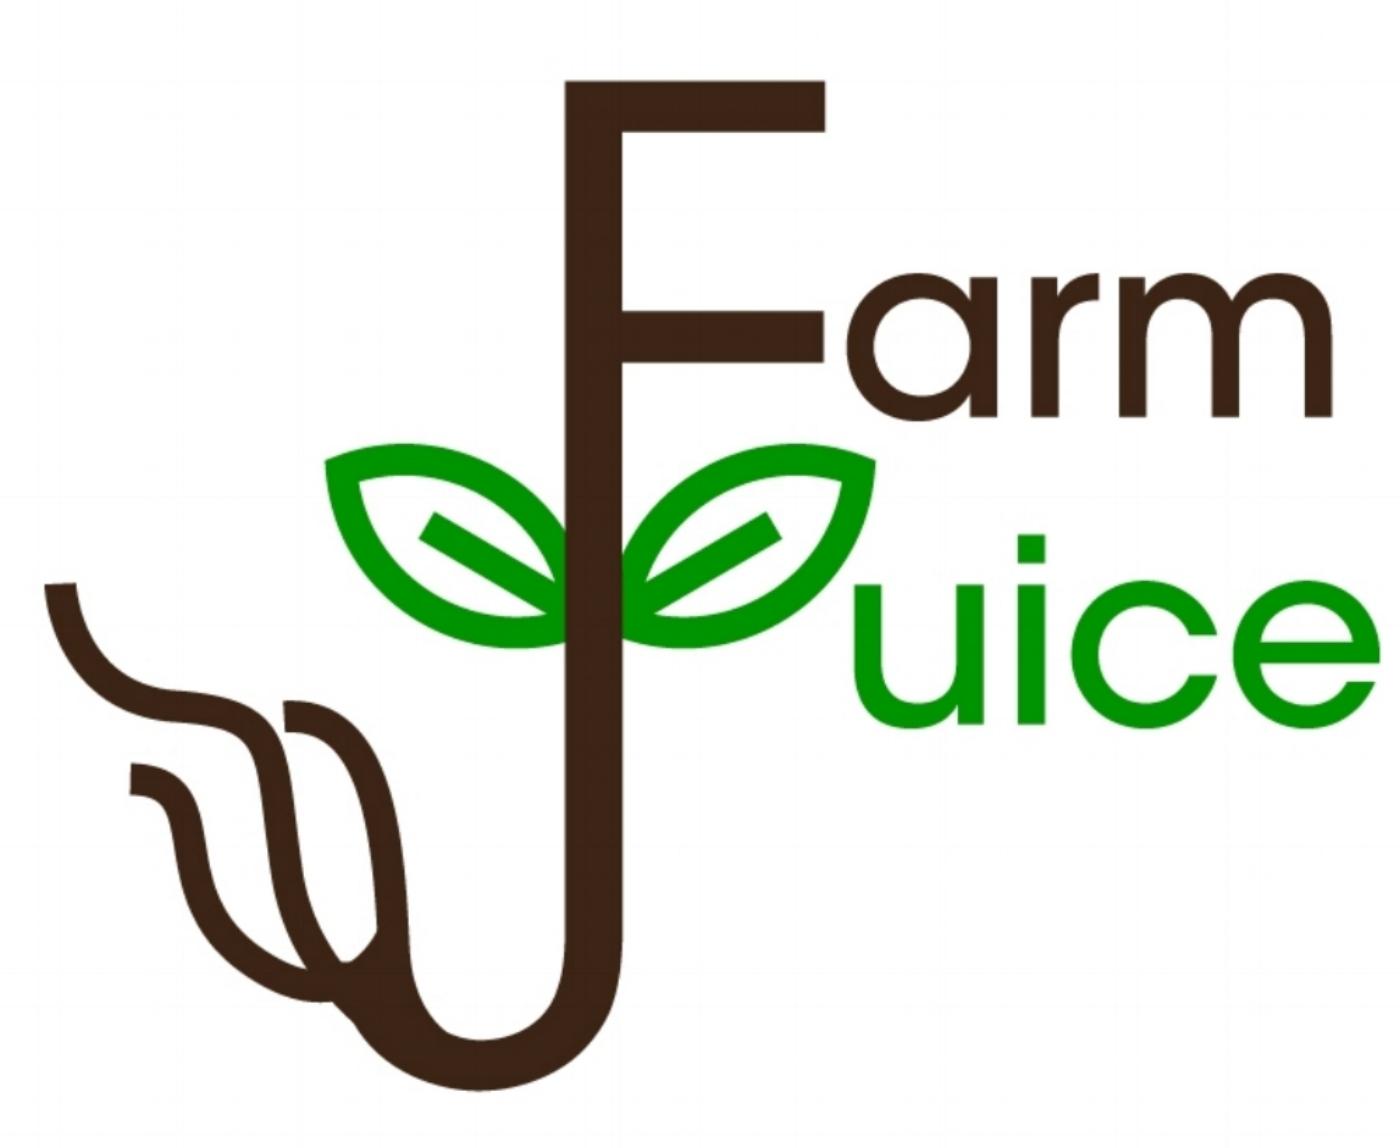 Farm Juices